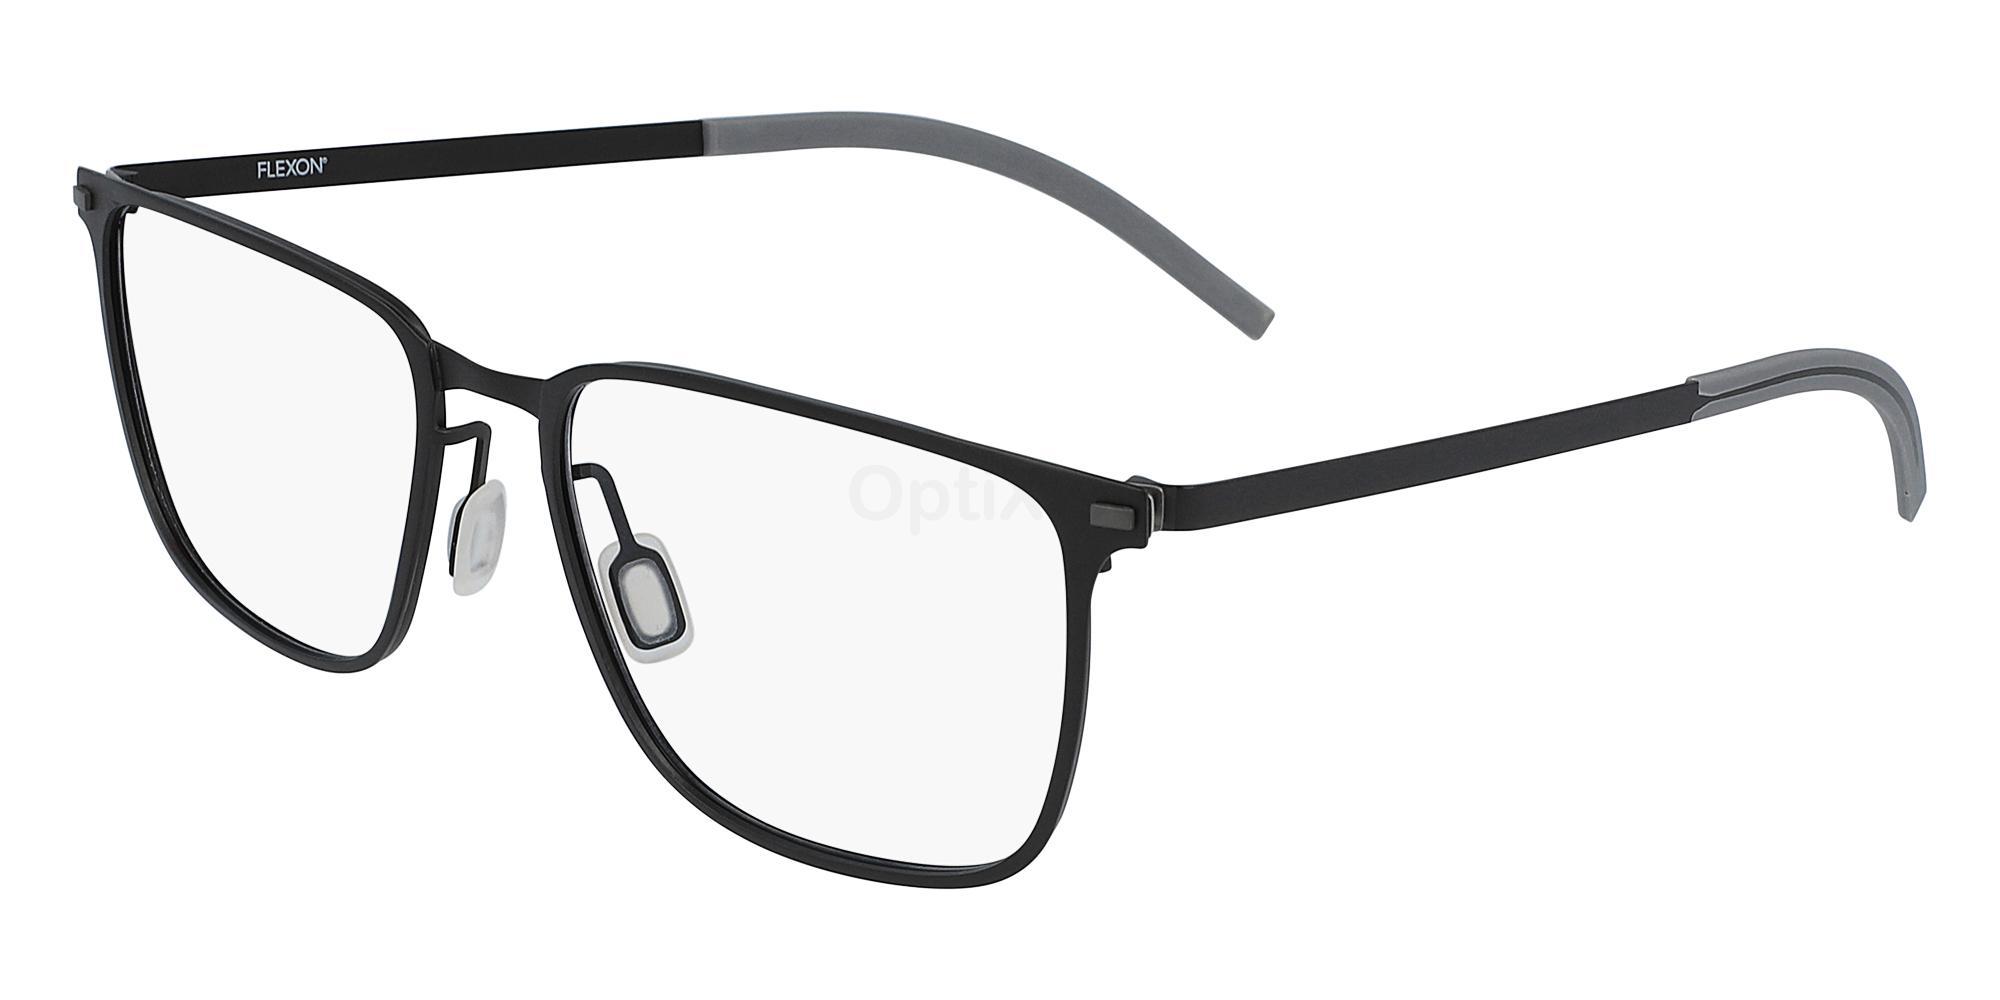 001 FLEXON B2025 Glasses, Flexon